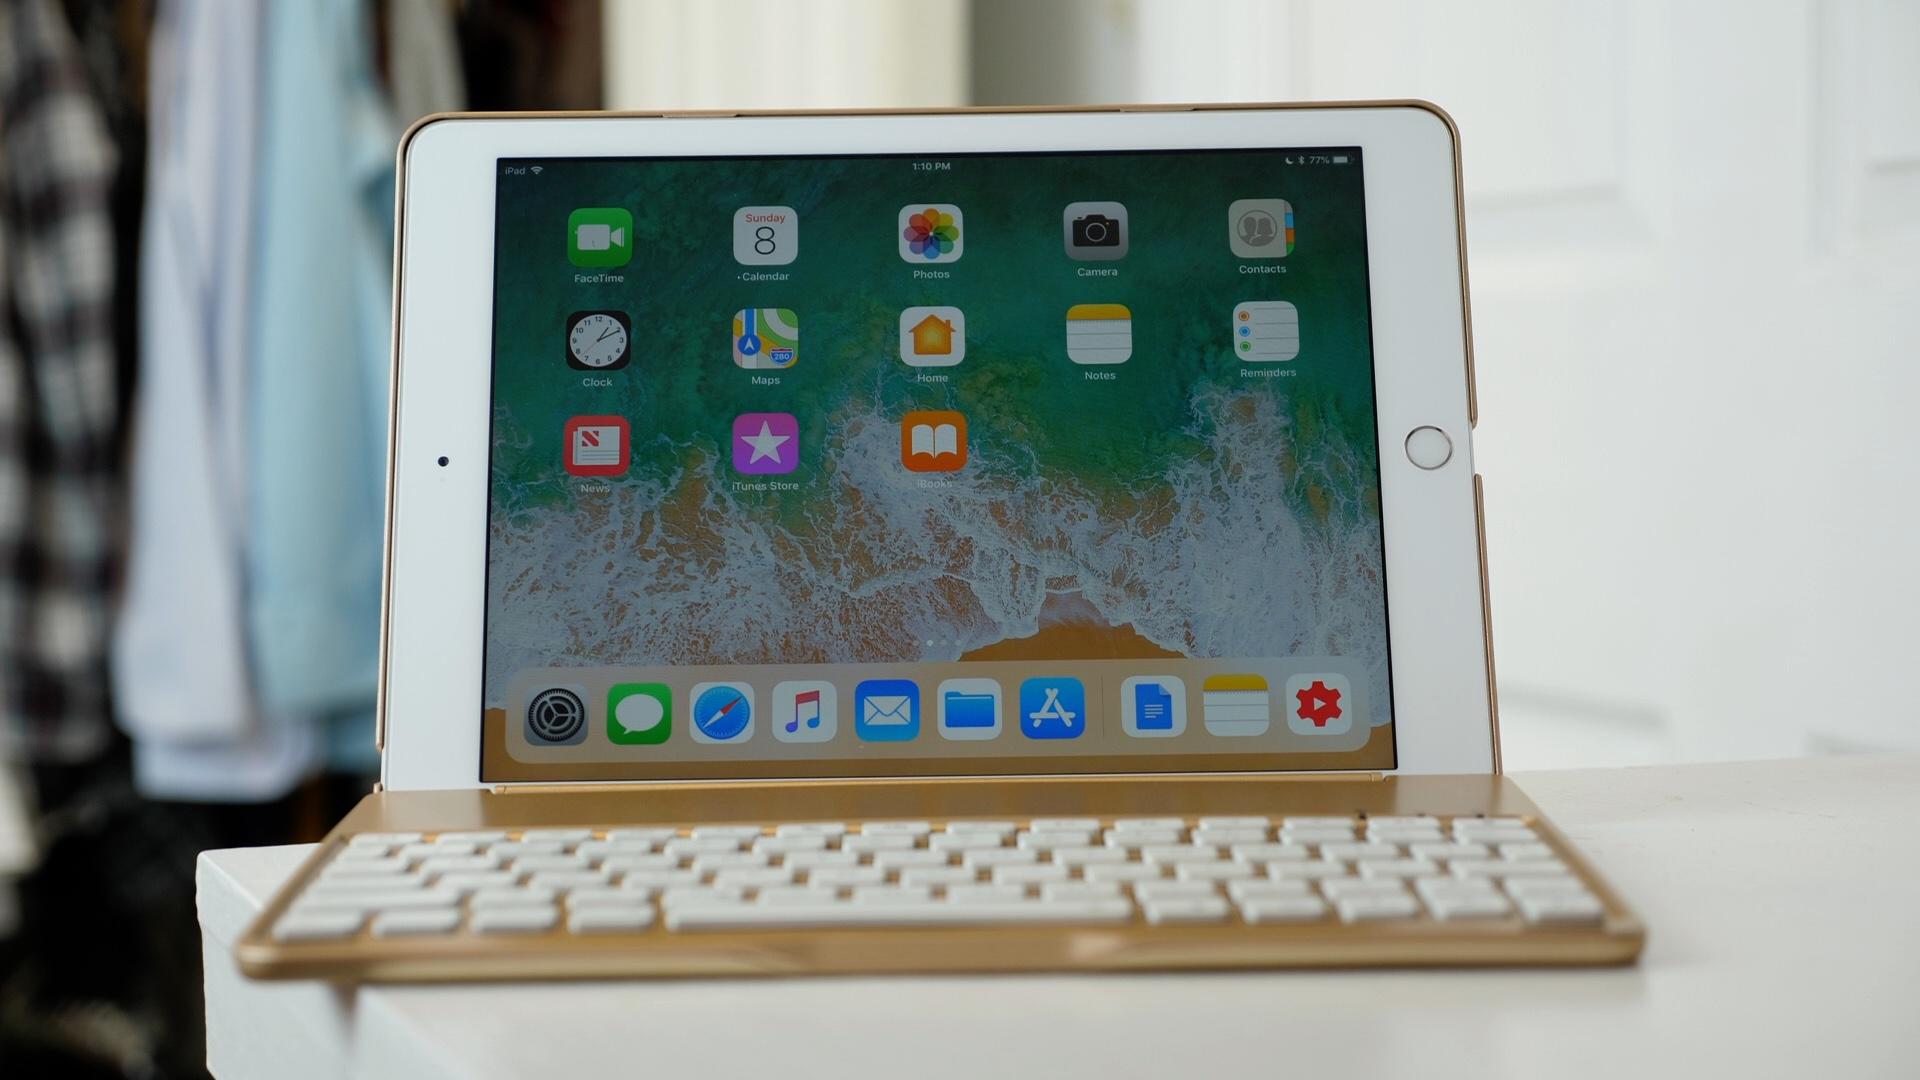 iEGrow F8S iPad keyboard case